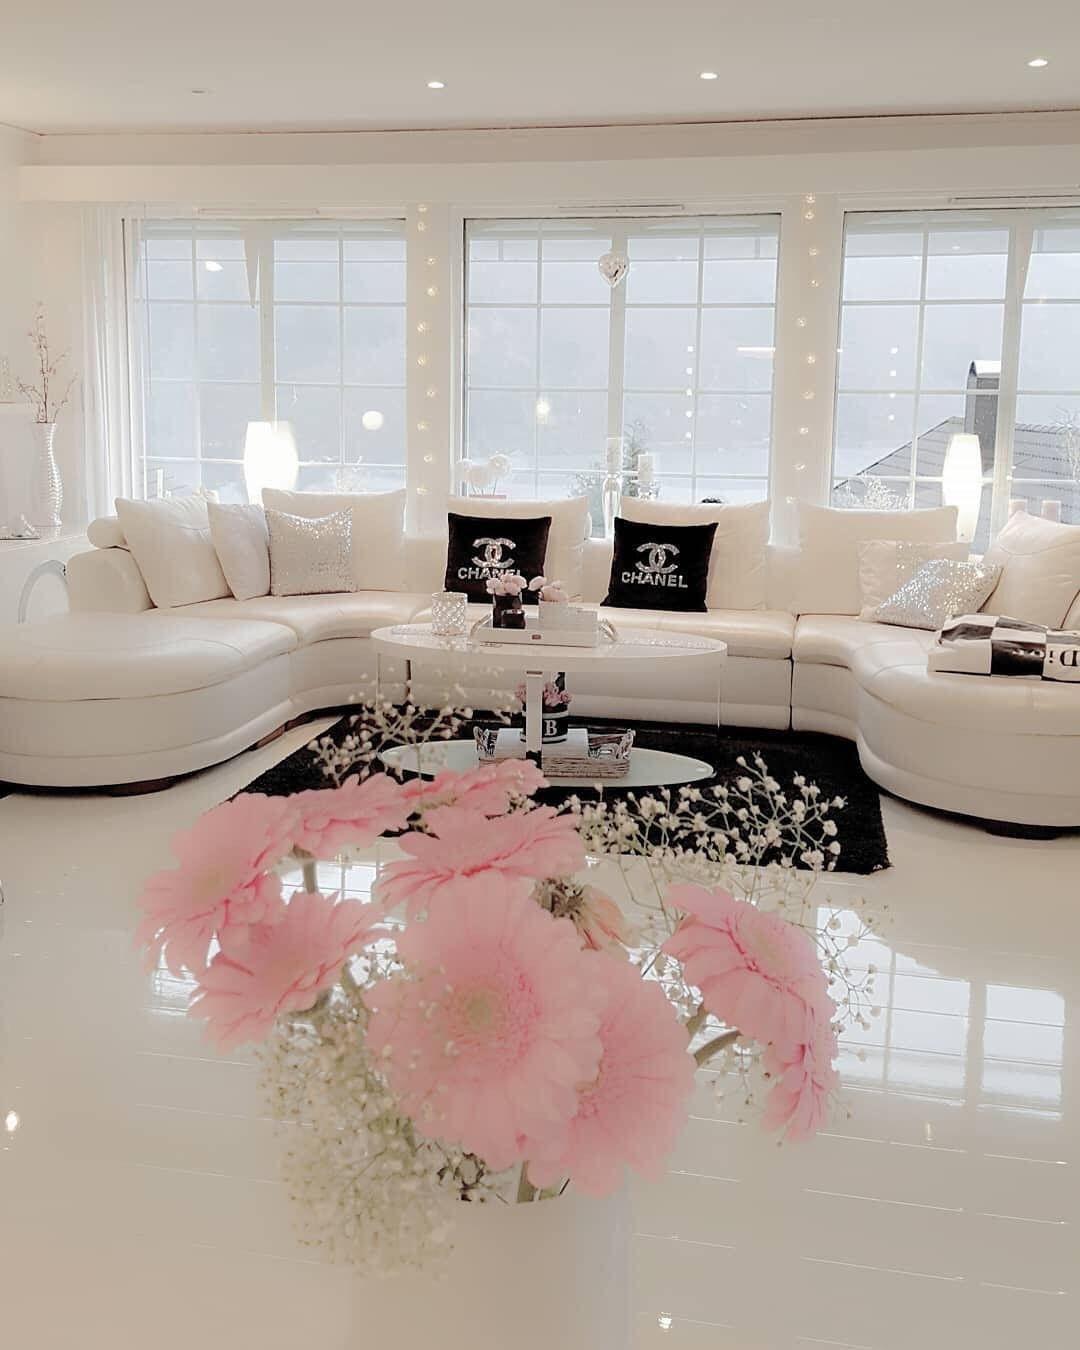 Weißes Chanel Wohnzimmer  Wohnung dekoration, Wohnzimmer